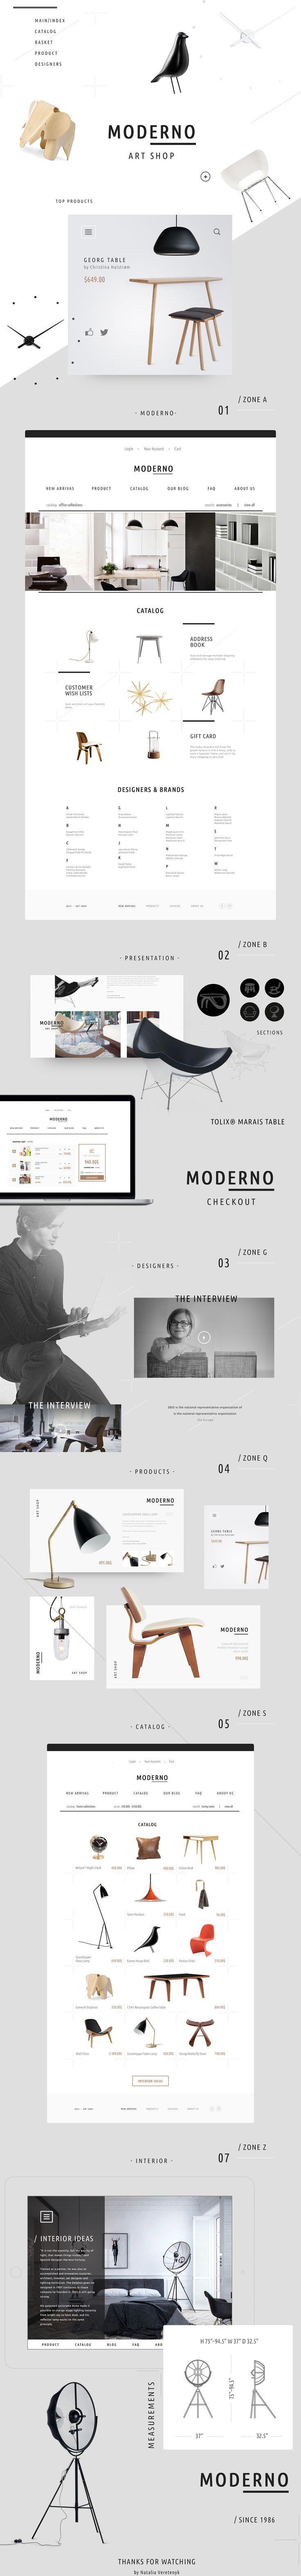 MODERNO / e-commerce on Behance